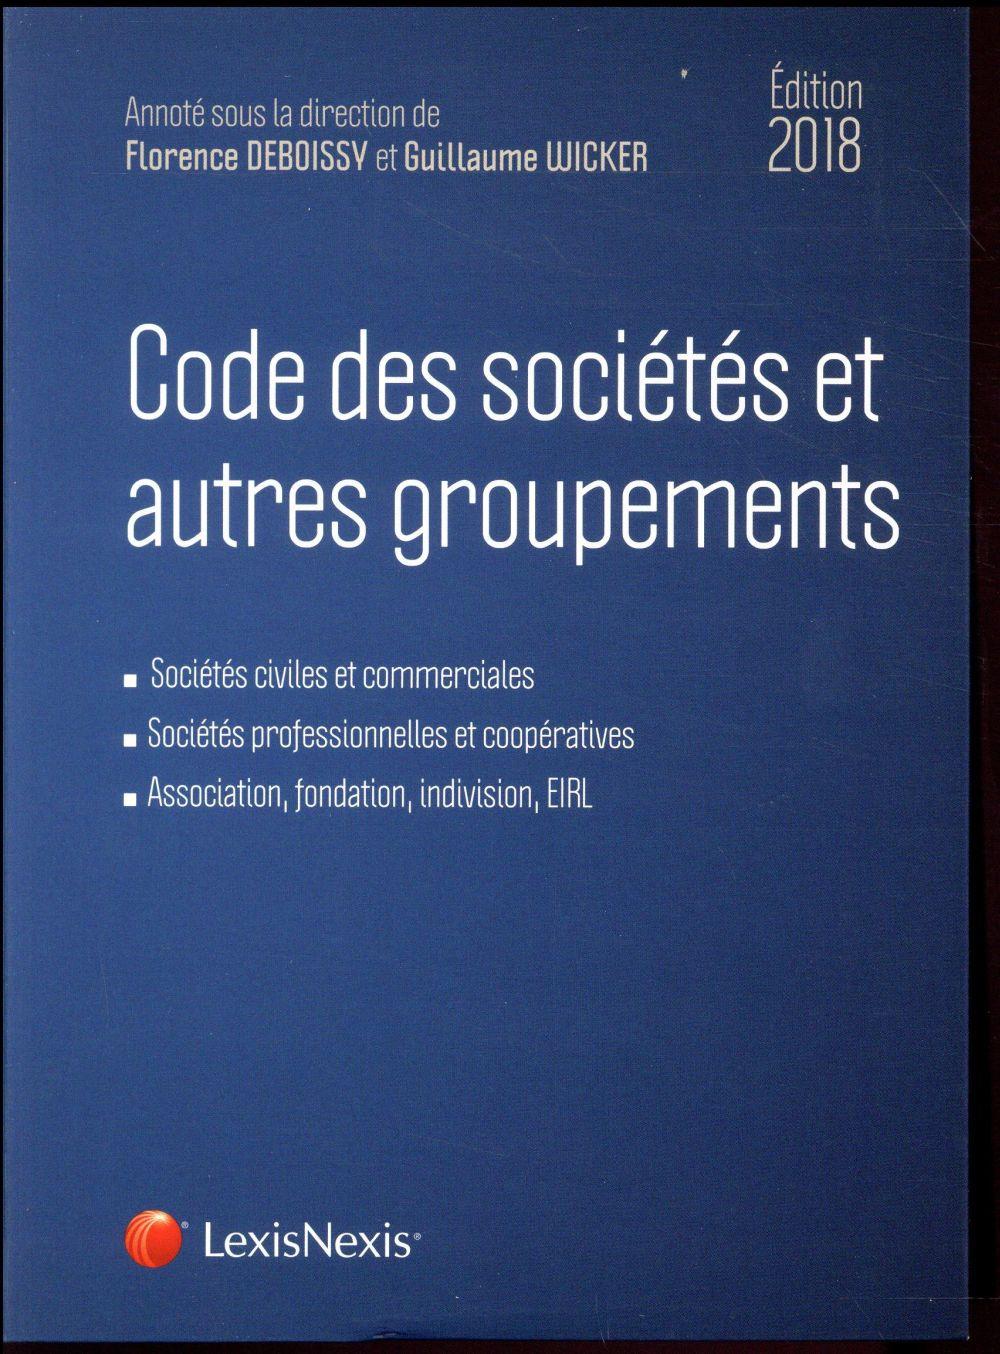 CODE DES SOCIETES ET AUTRES GROUPEMENTS 2018 - SOCIETES CIVILES ET COMMERCIALES  SOCIETES PROFESSION